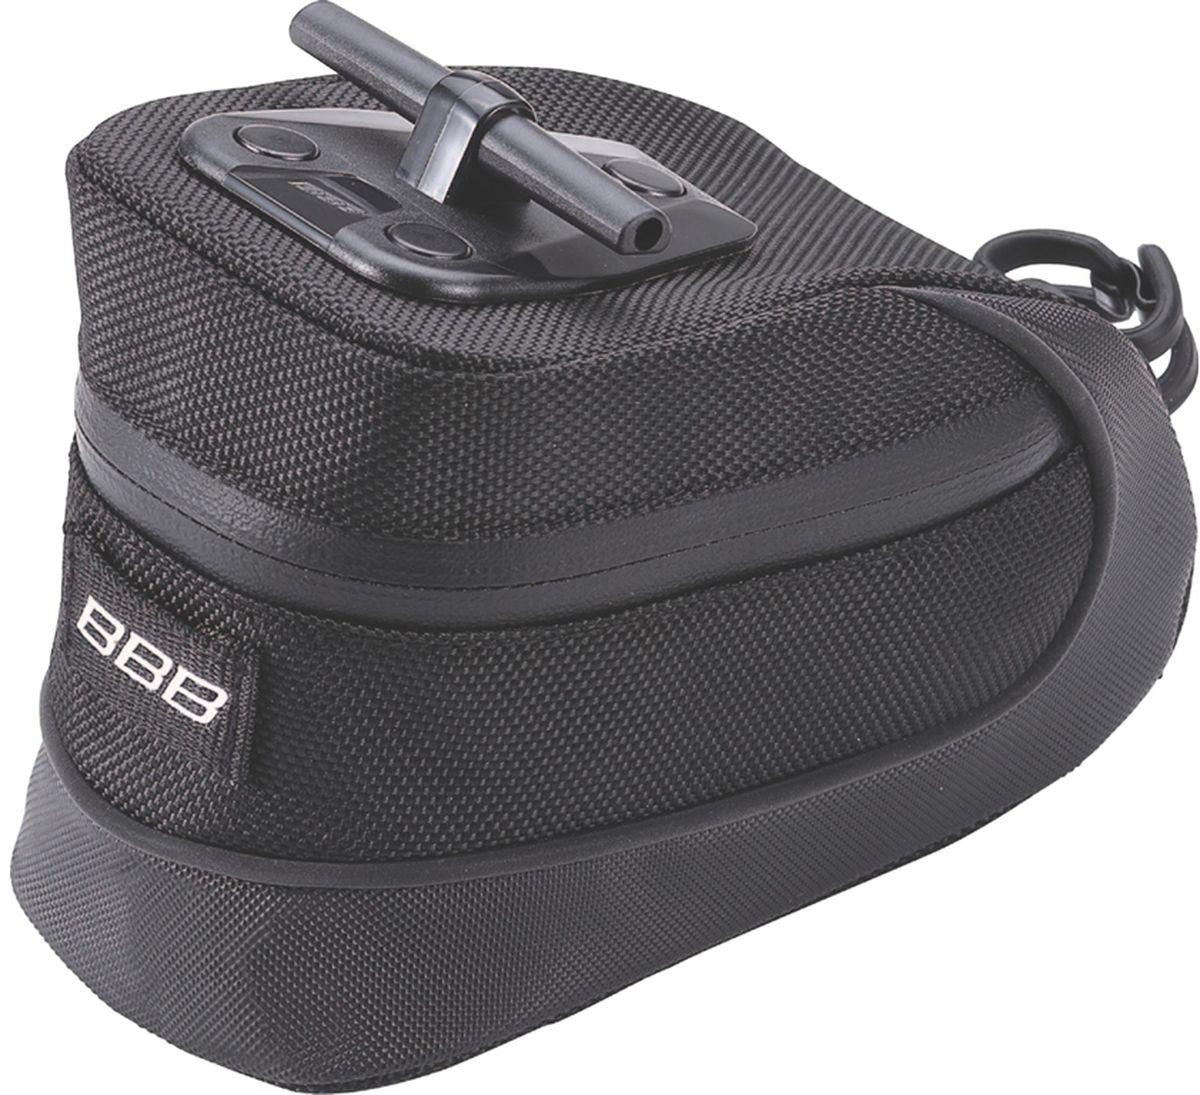 Велосумка под седло BBB StorePack, цвет: черный. Размер M велосумка под седло bbb curvepack цвет черный размер m